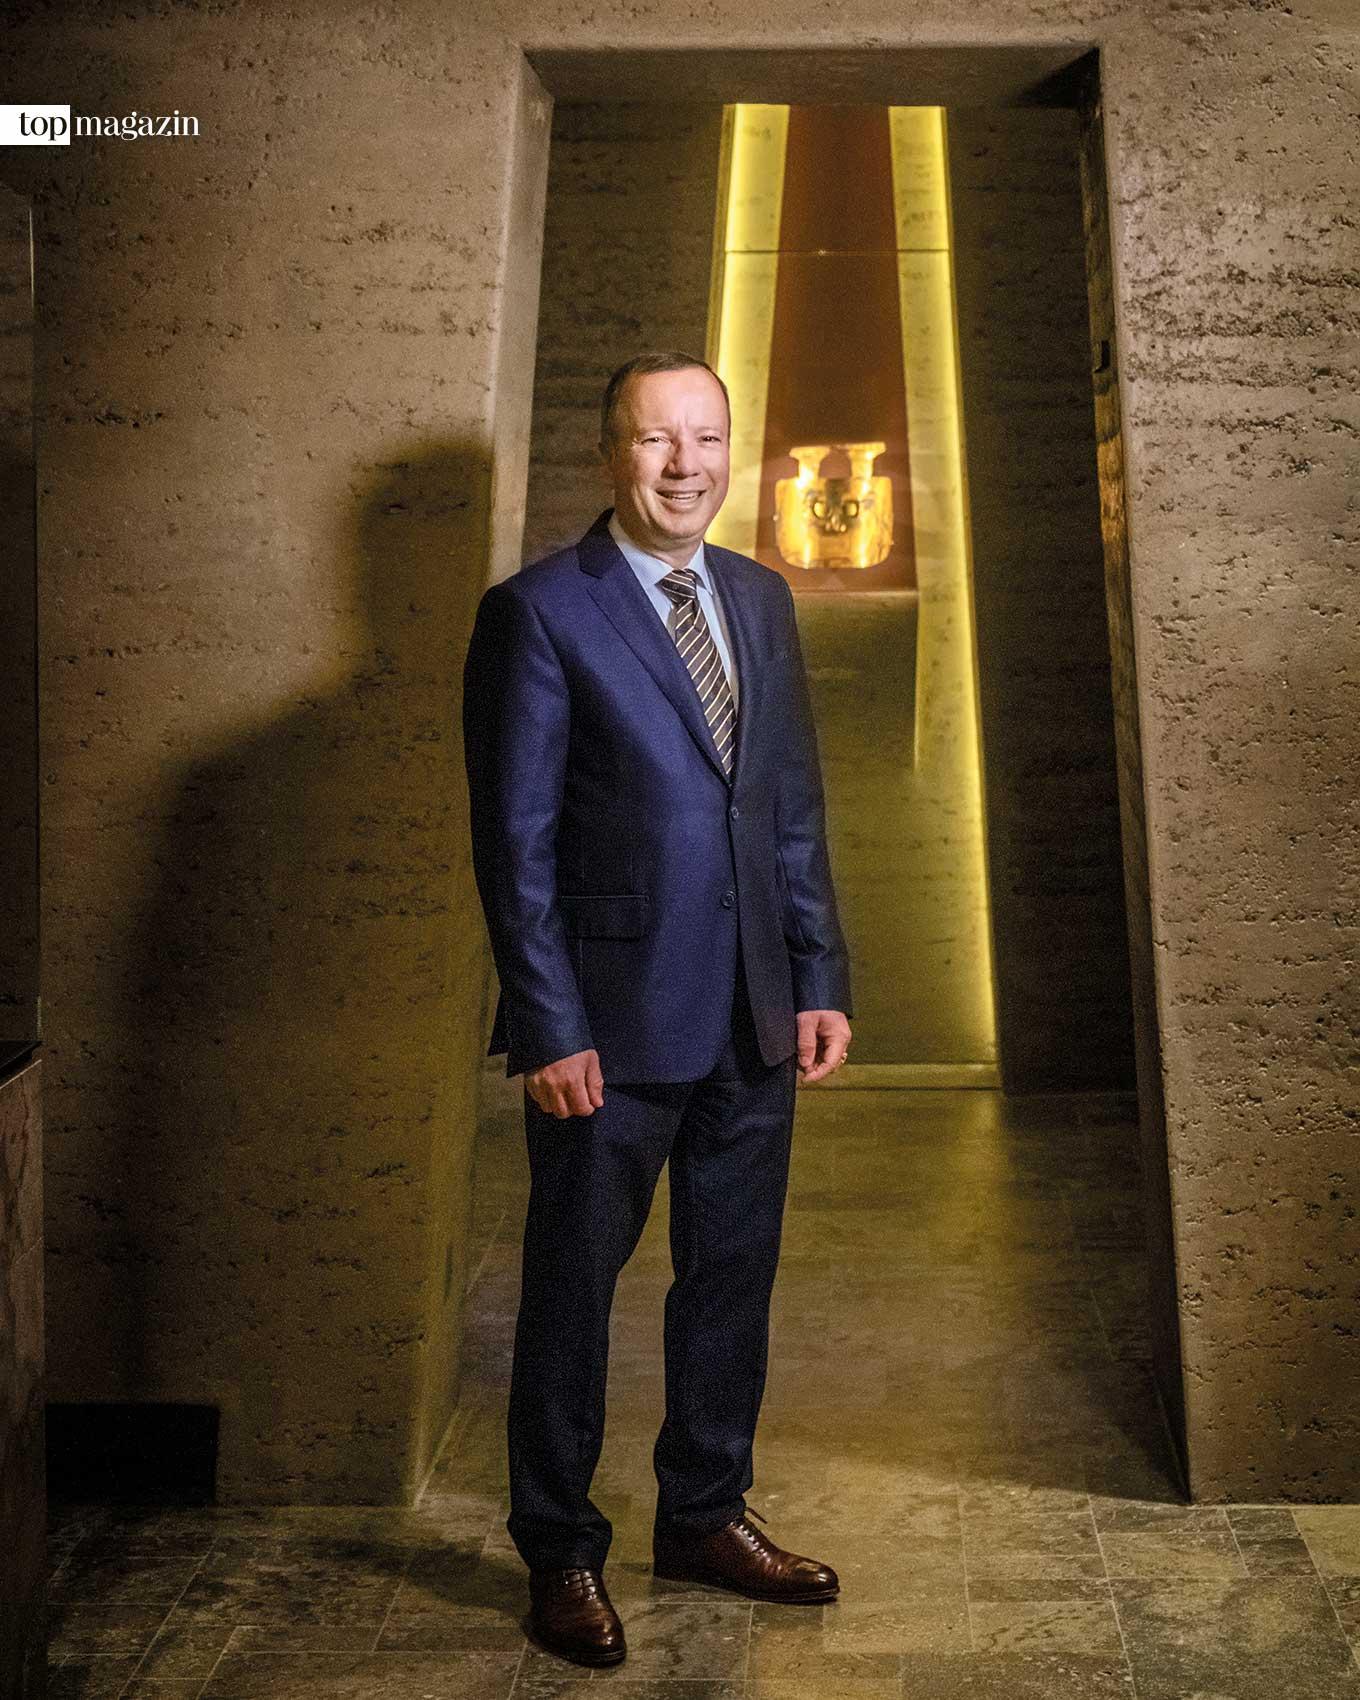 Degussa-Chef Dr. Markus Krall ist Volkswirt, Unternehmensberater und Autor